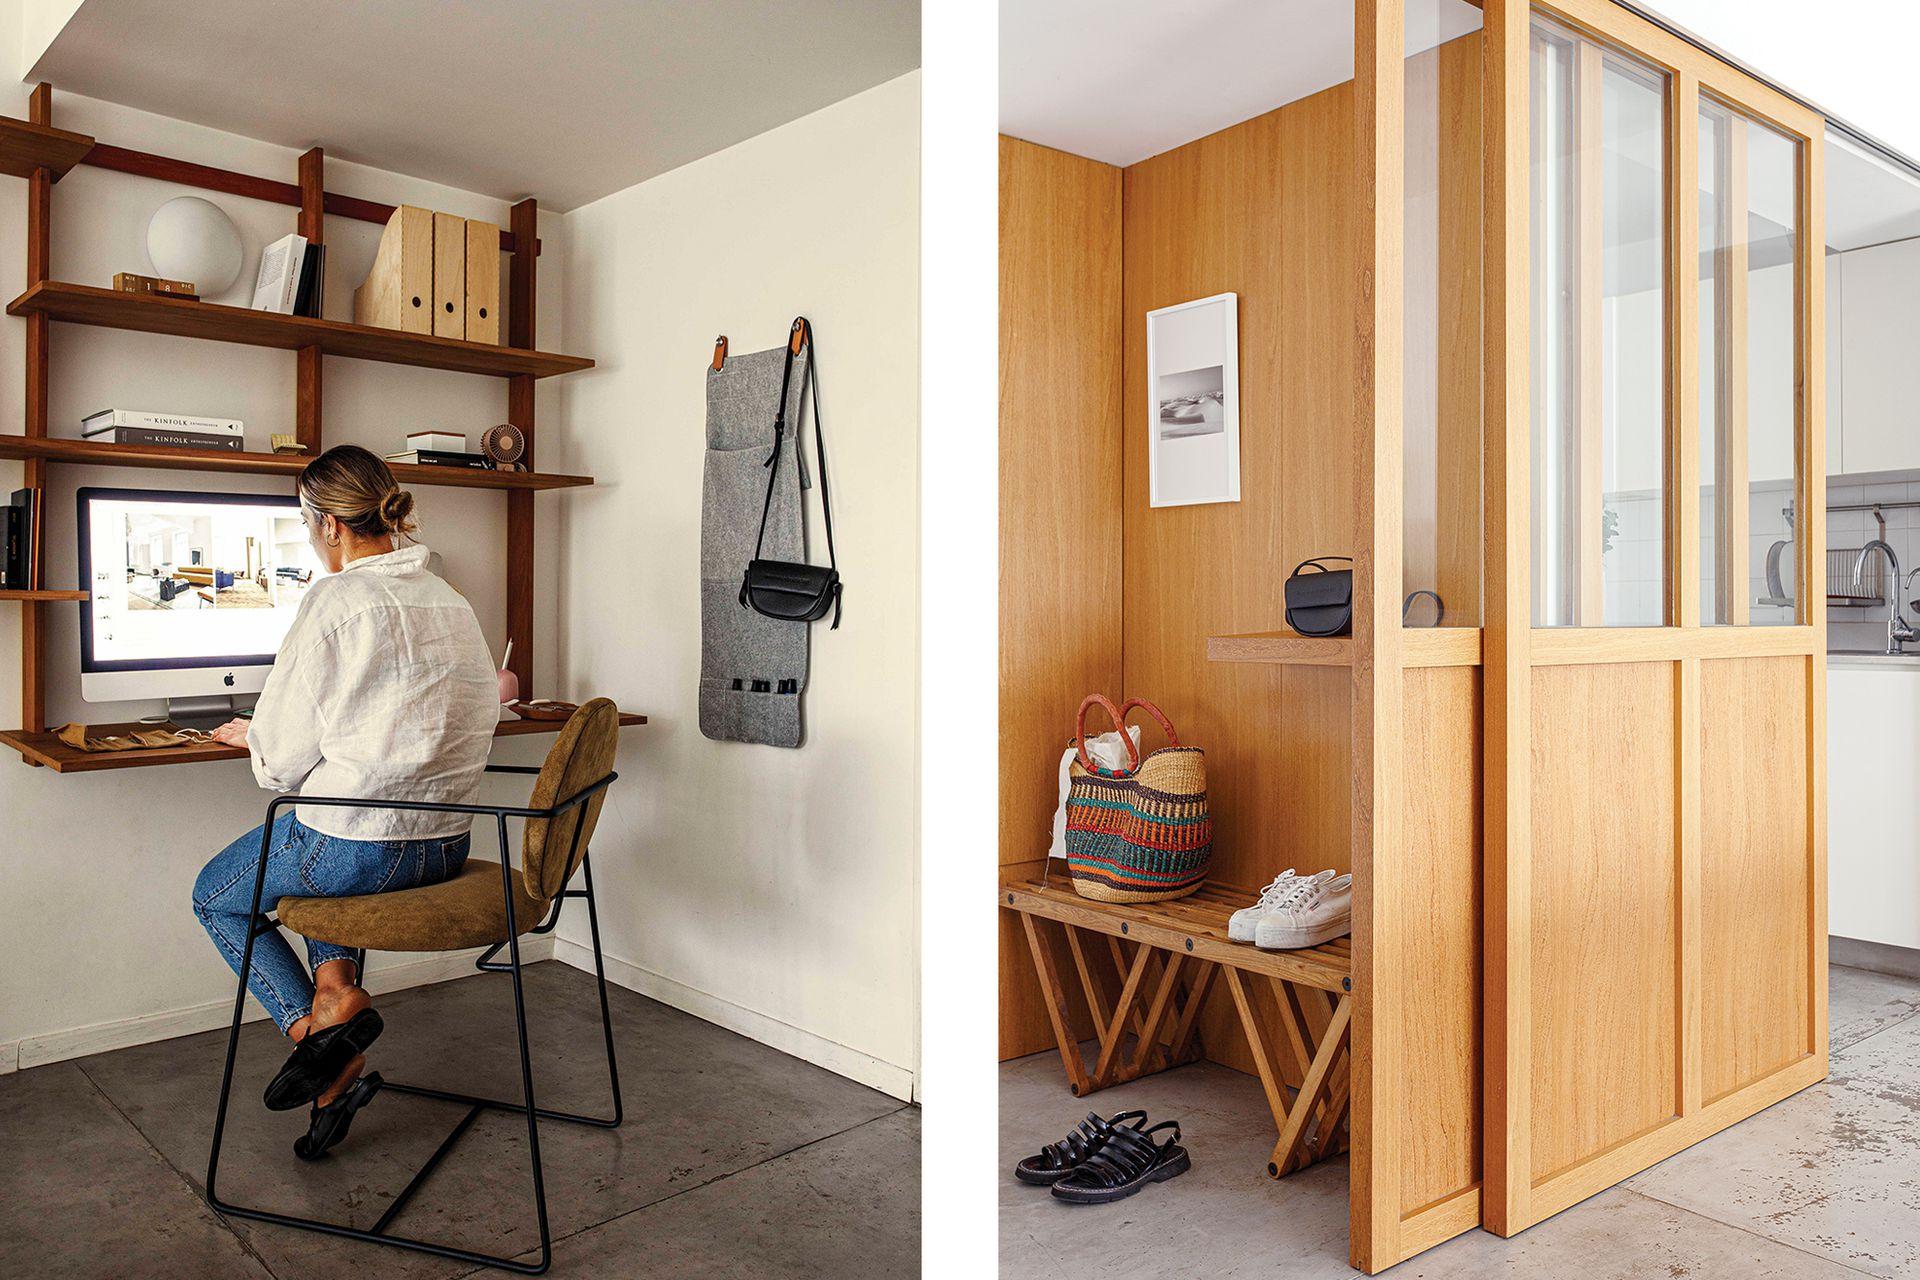 La mampara es de vidrio y guayabo, la misma madera que recubre el hall (todo diseño de Sofía Ledesma).